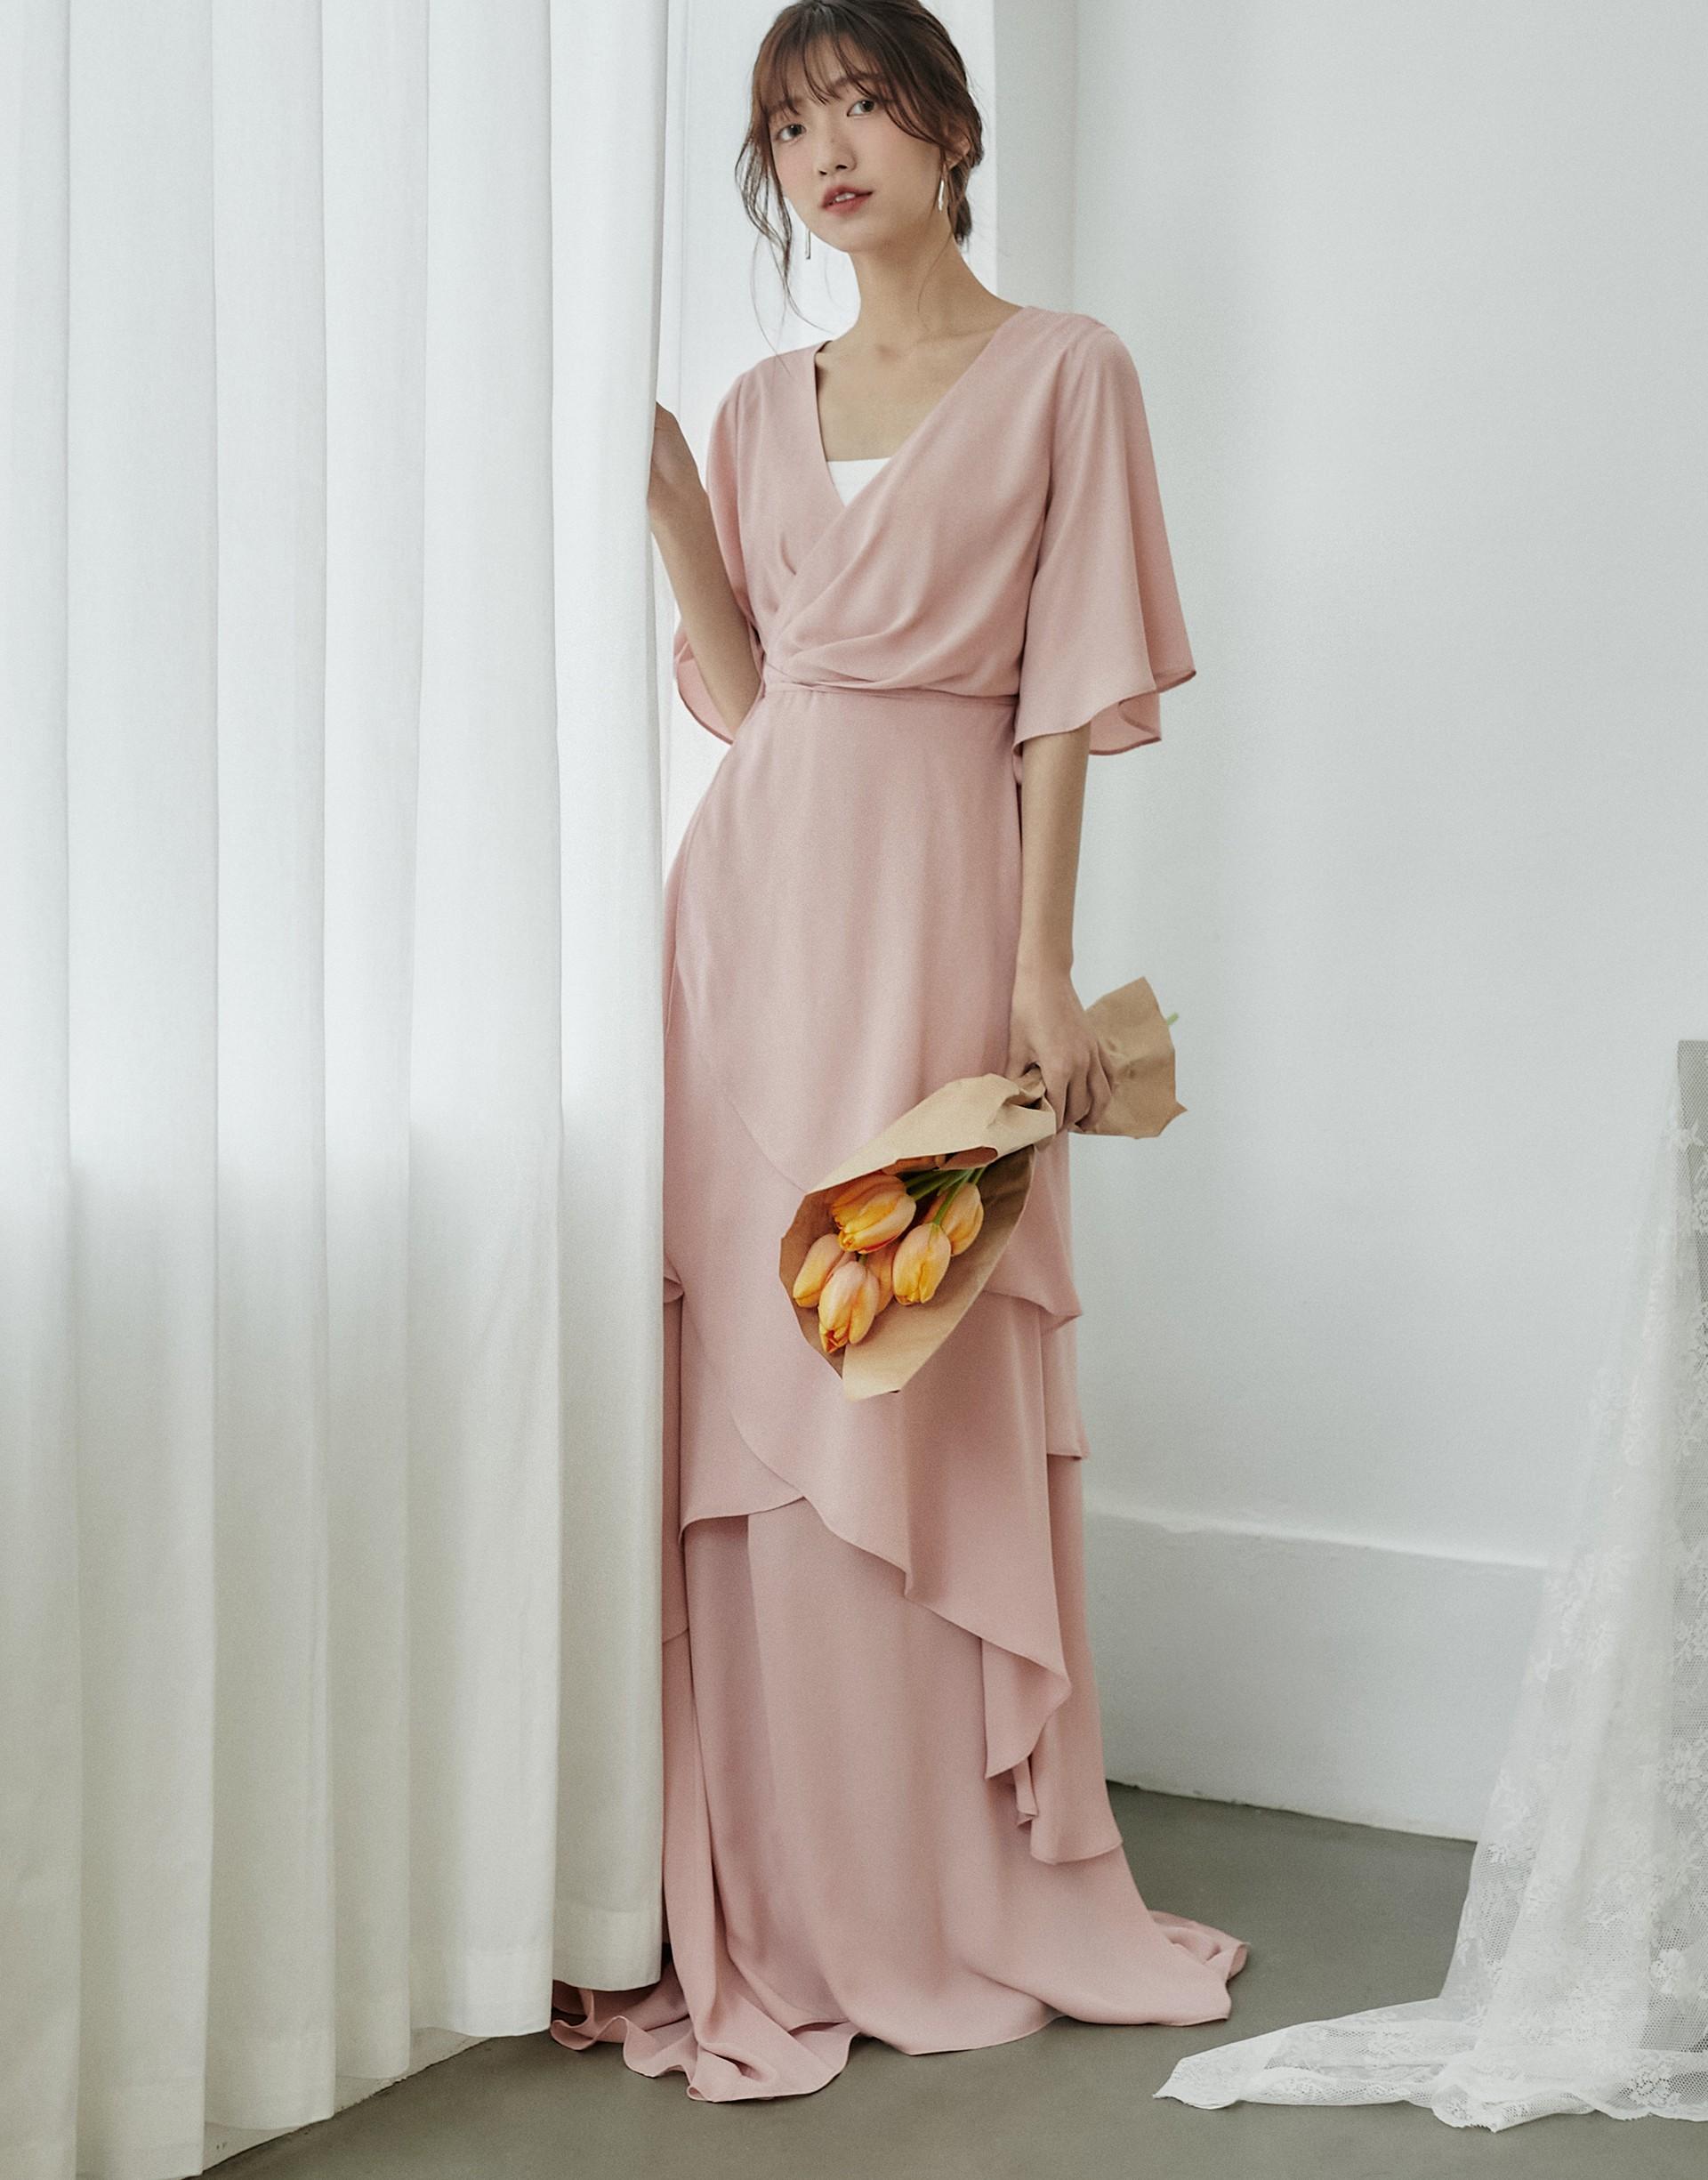 洋裝本身加內襯長裙兩件式/可有多種組合穿法/浪漫百搭/淺色略透建議內搭/內襯長裙鬆緊腰頭有裡布